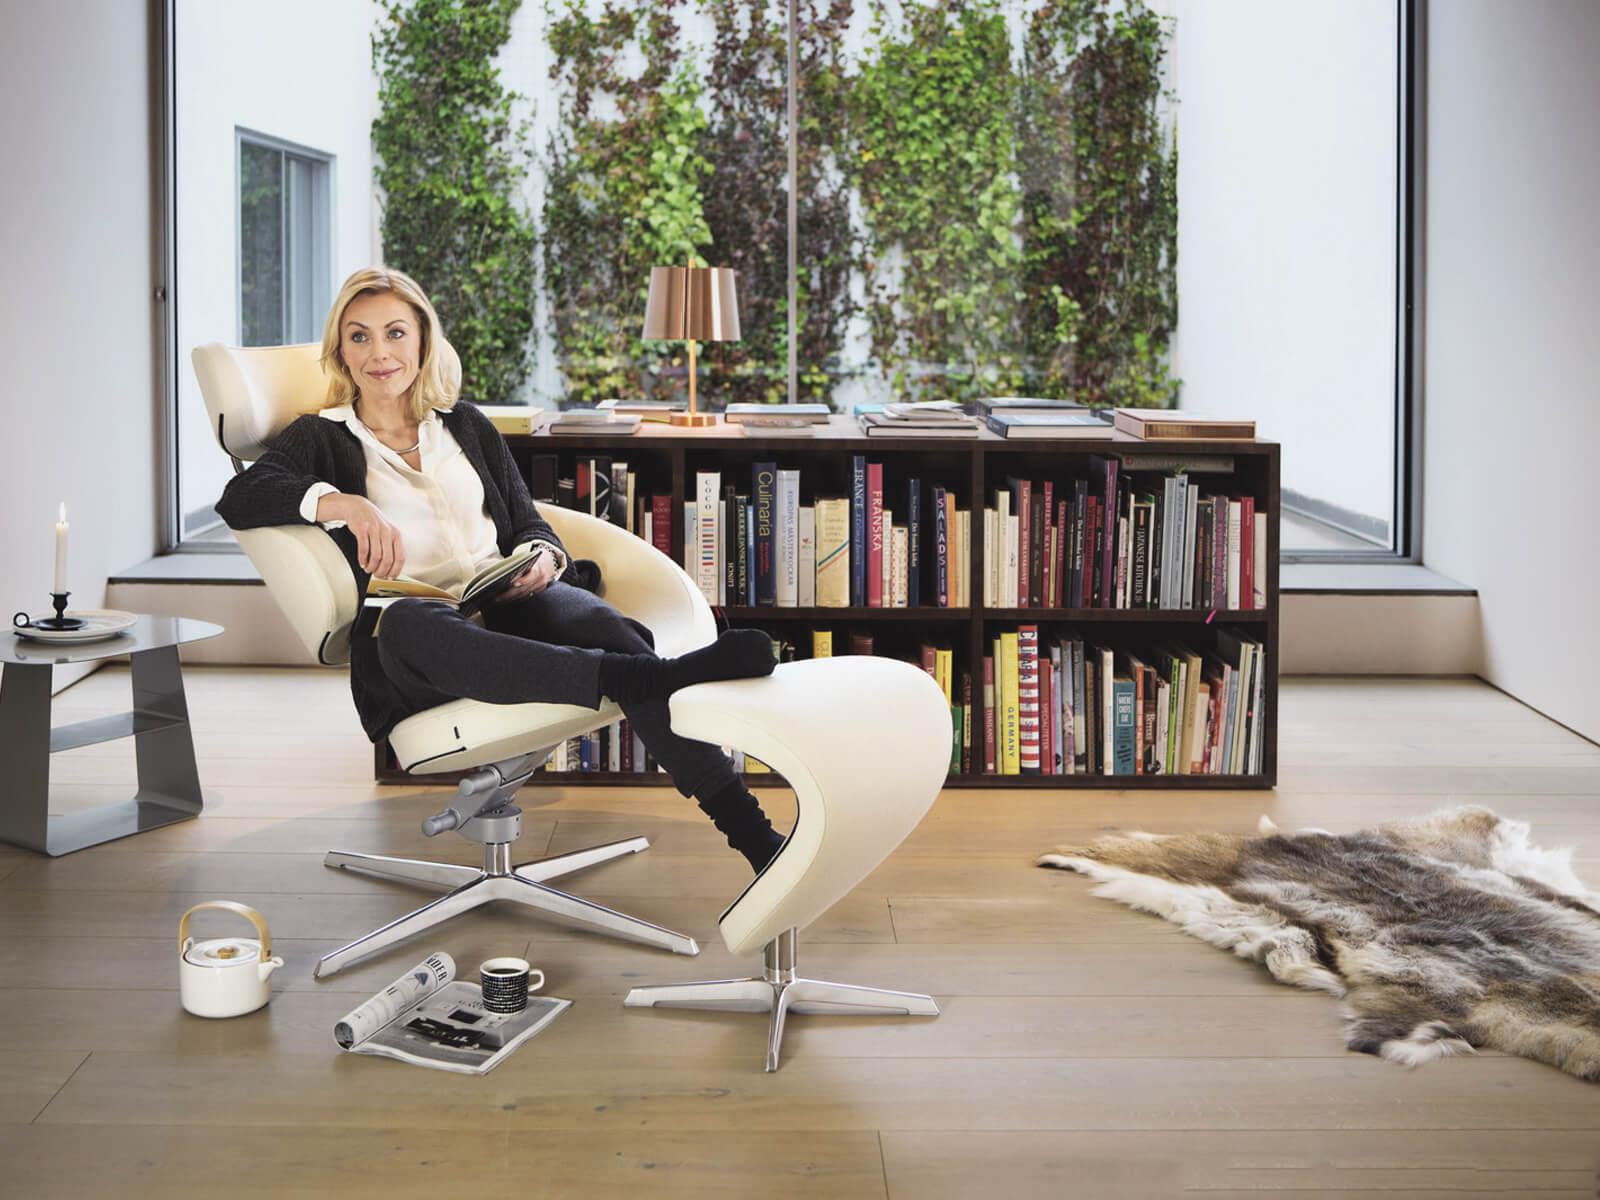 idivani-genova-divani-sedute-ergonomiche-ufficio-5